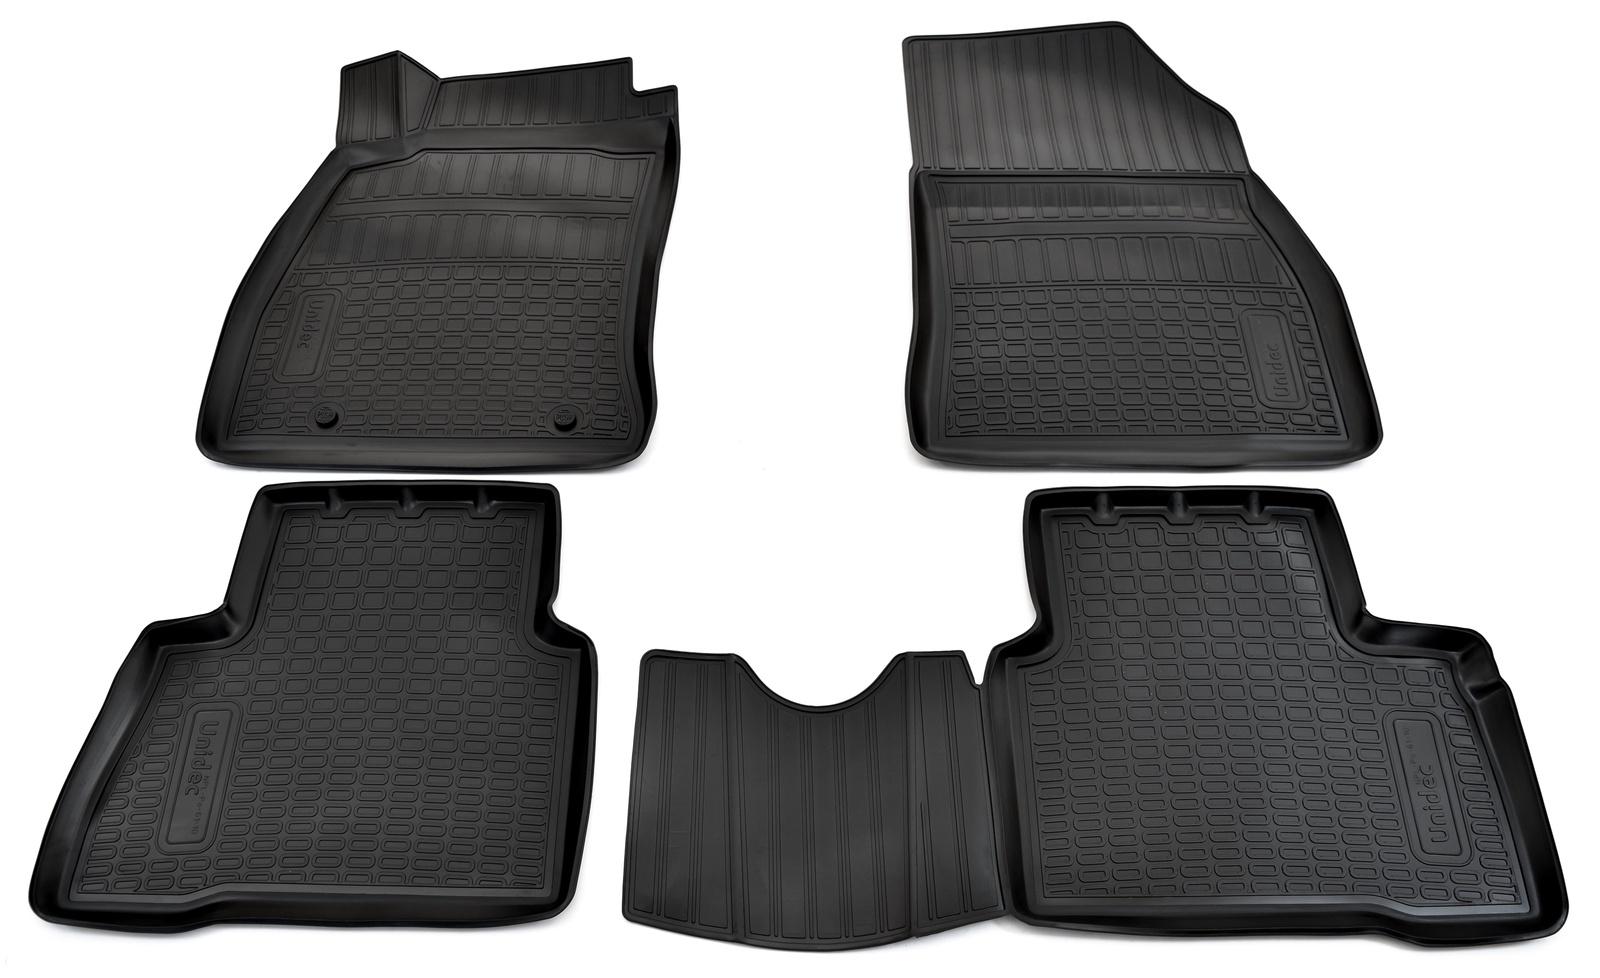 Коврики в салон автомобиля Norplast для Nissan Juke 3D (2010), NPL-Po-61-10, черный диск kk кс673 nissan juke 7 0xr17 5x114 3 et47 d66 1 алмаз черный артикул 63570